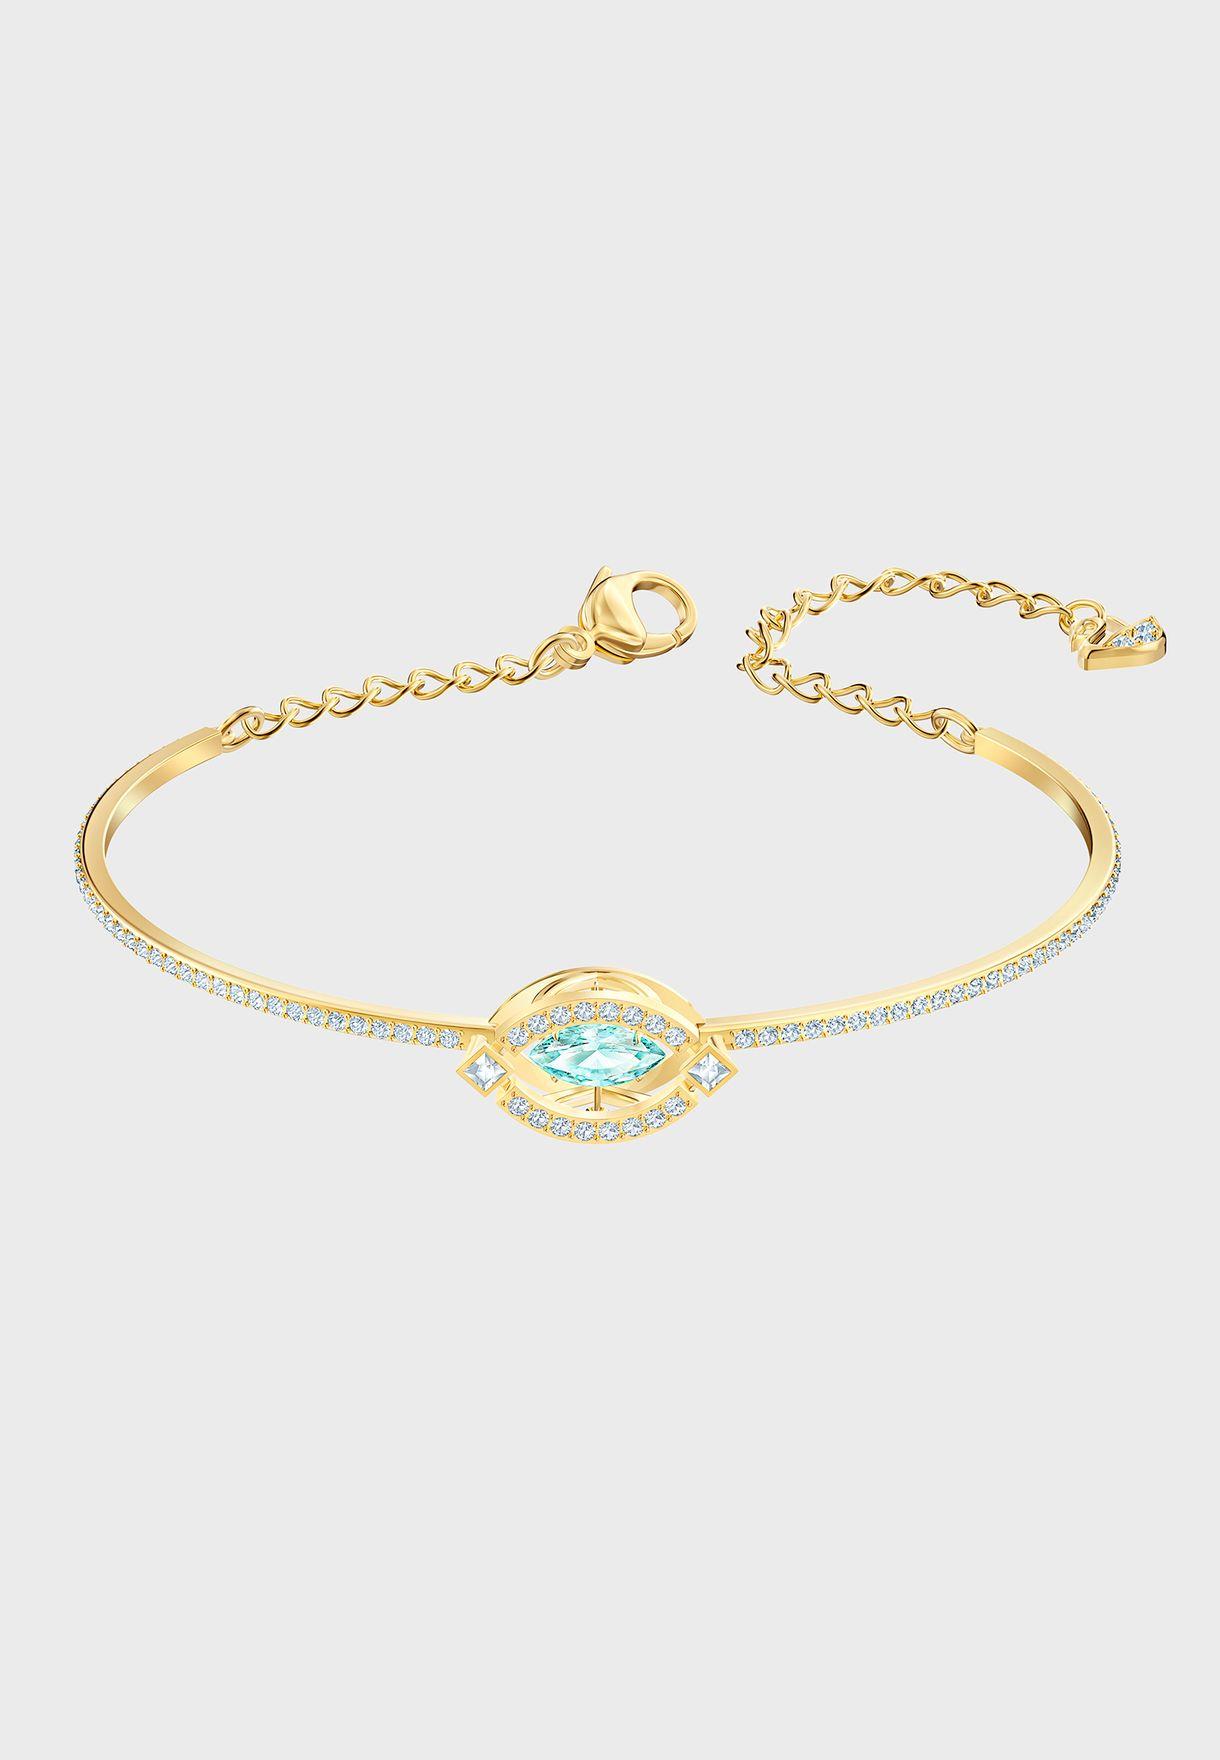 Sparkling Bangle Bracelet